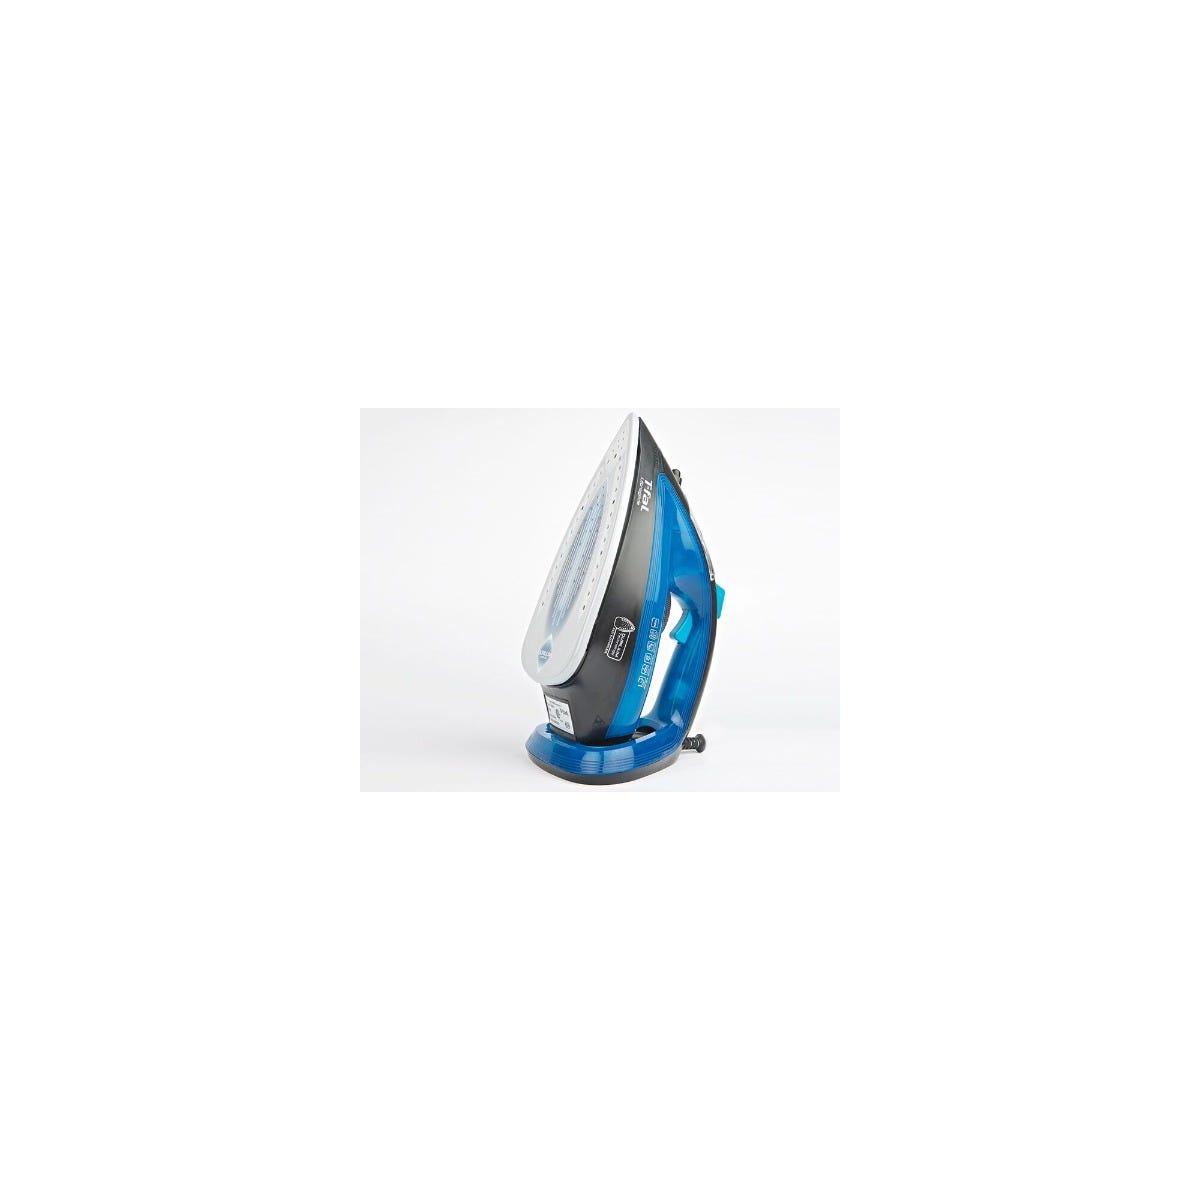 Plancha de vapor T-Fal® Ultraglide Pro